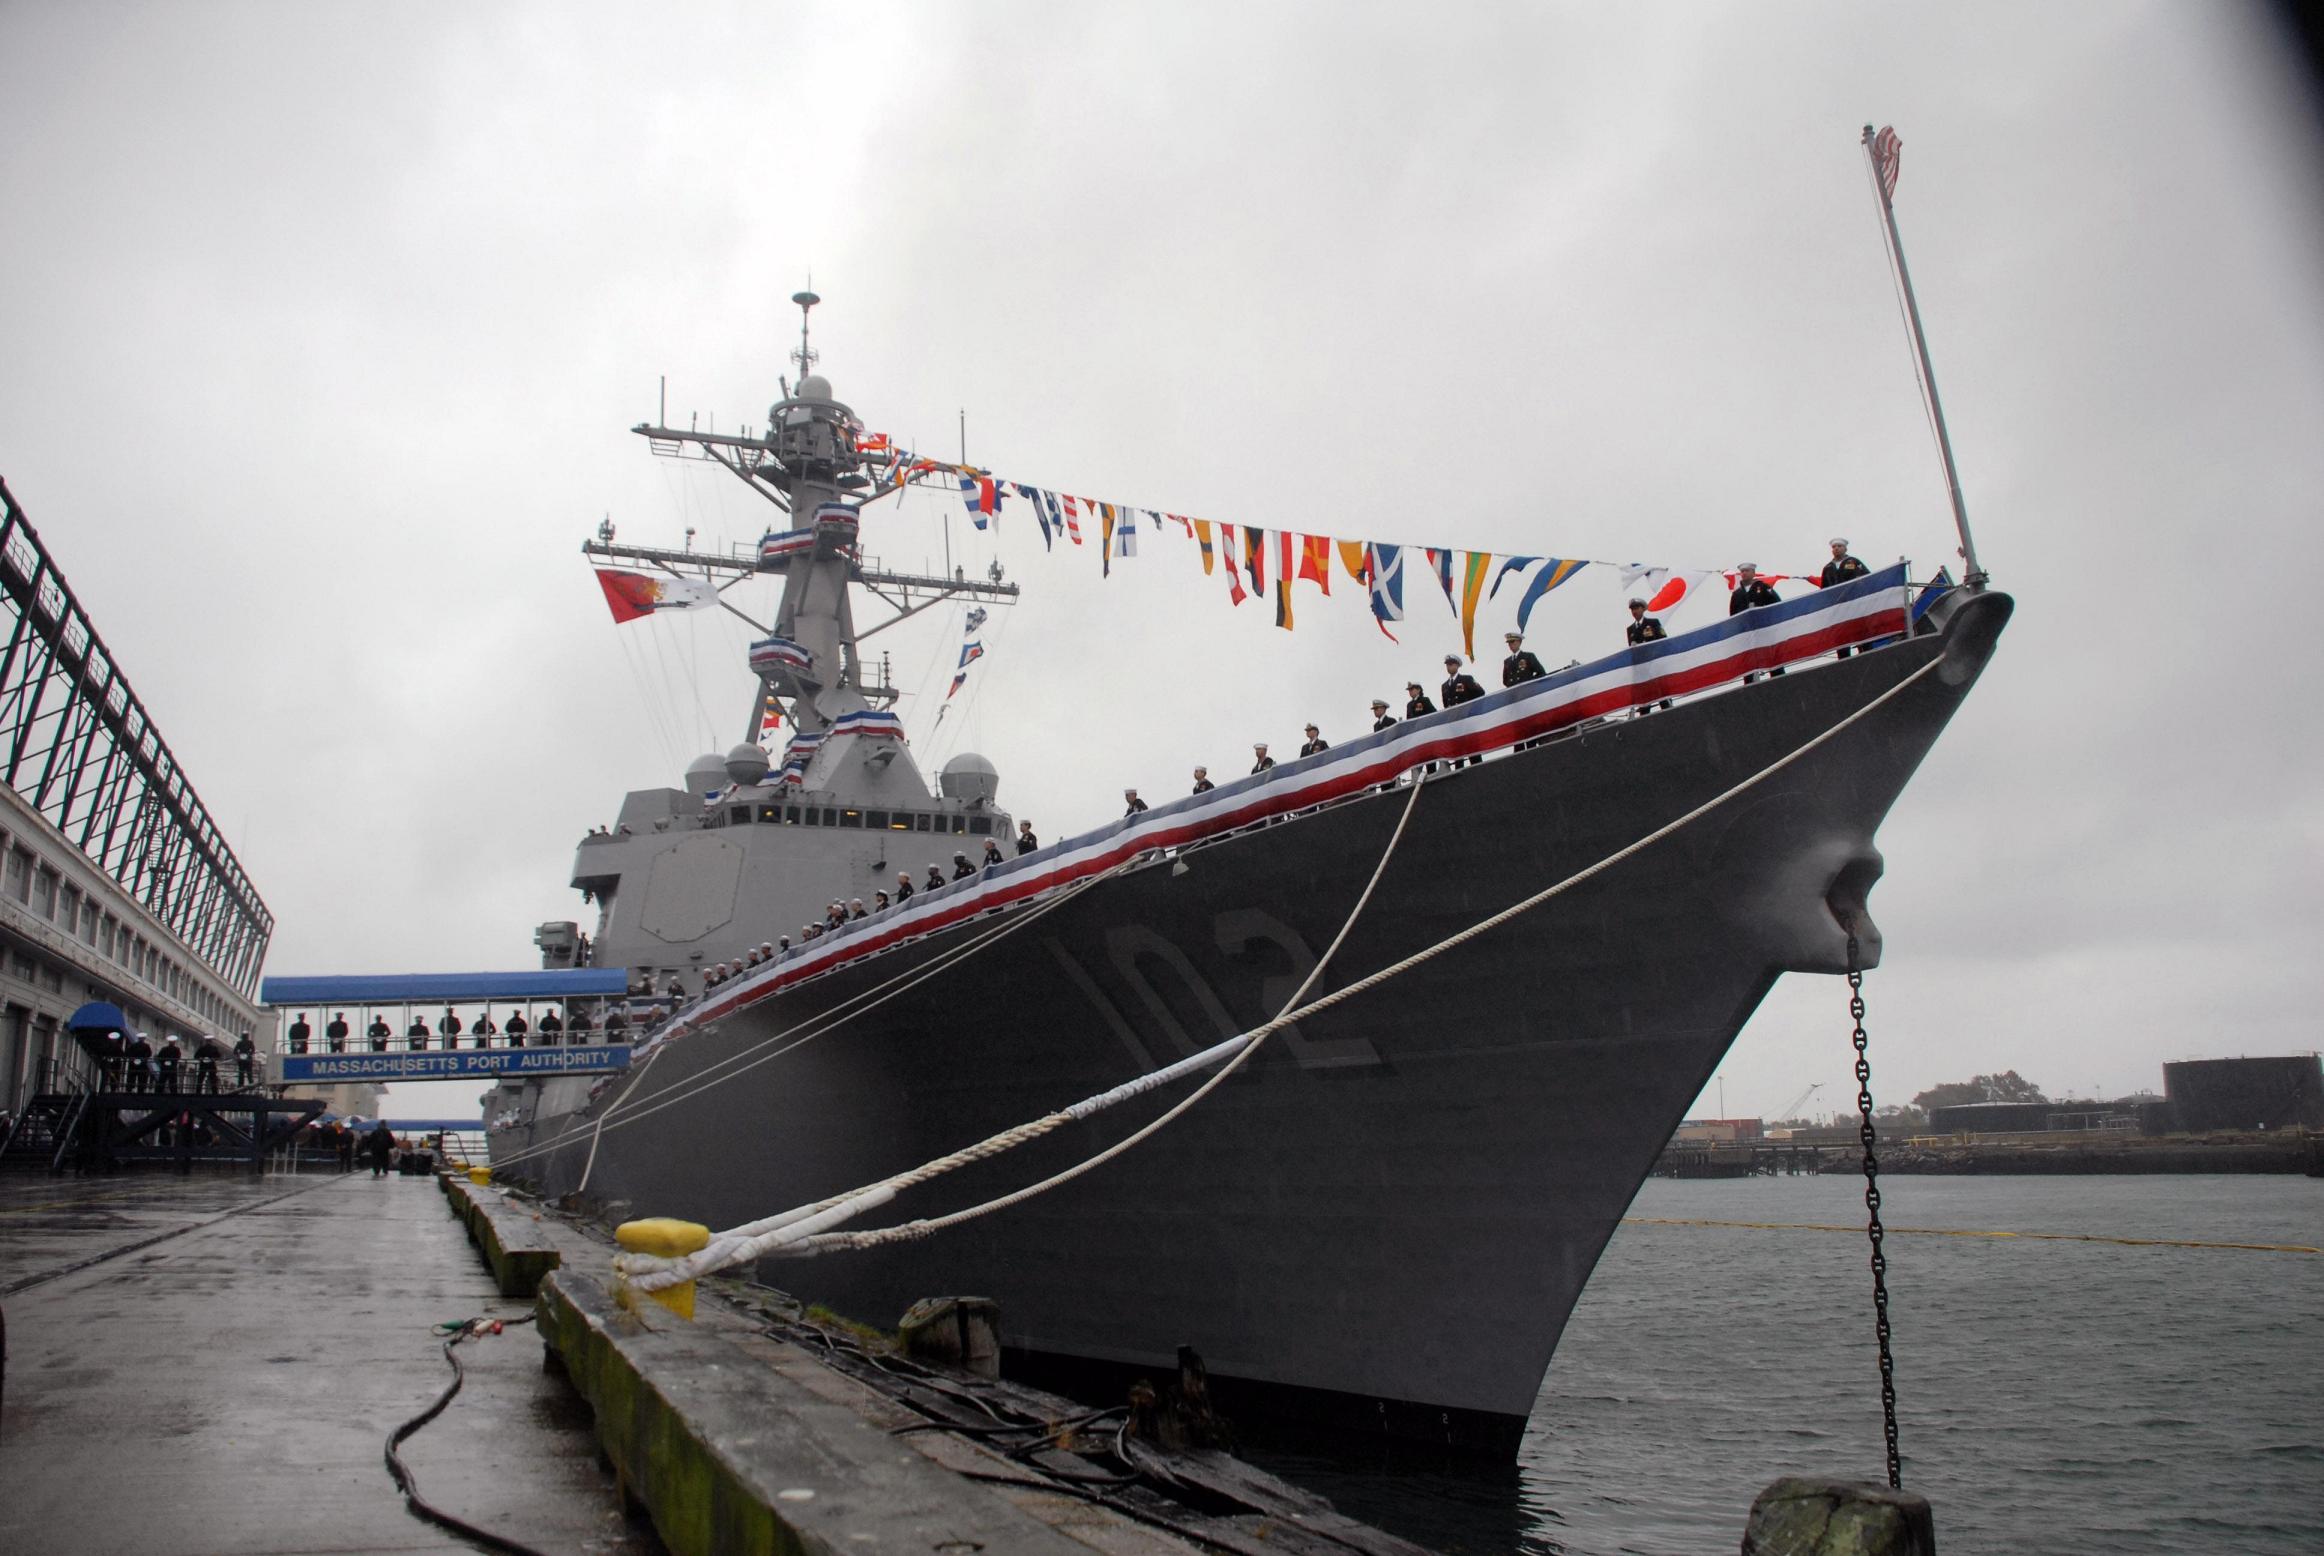 图文:美军希望新型阿利-伯克级舰员到减少到200人